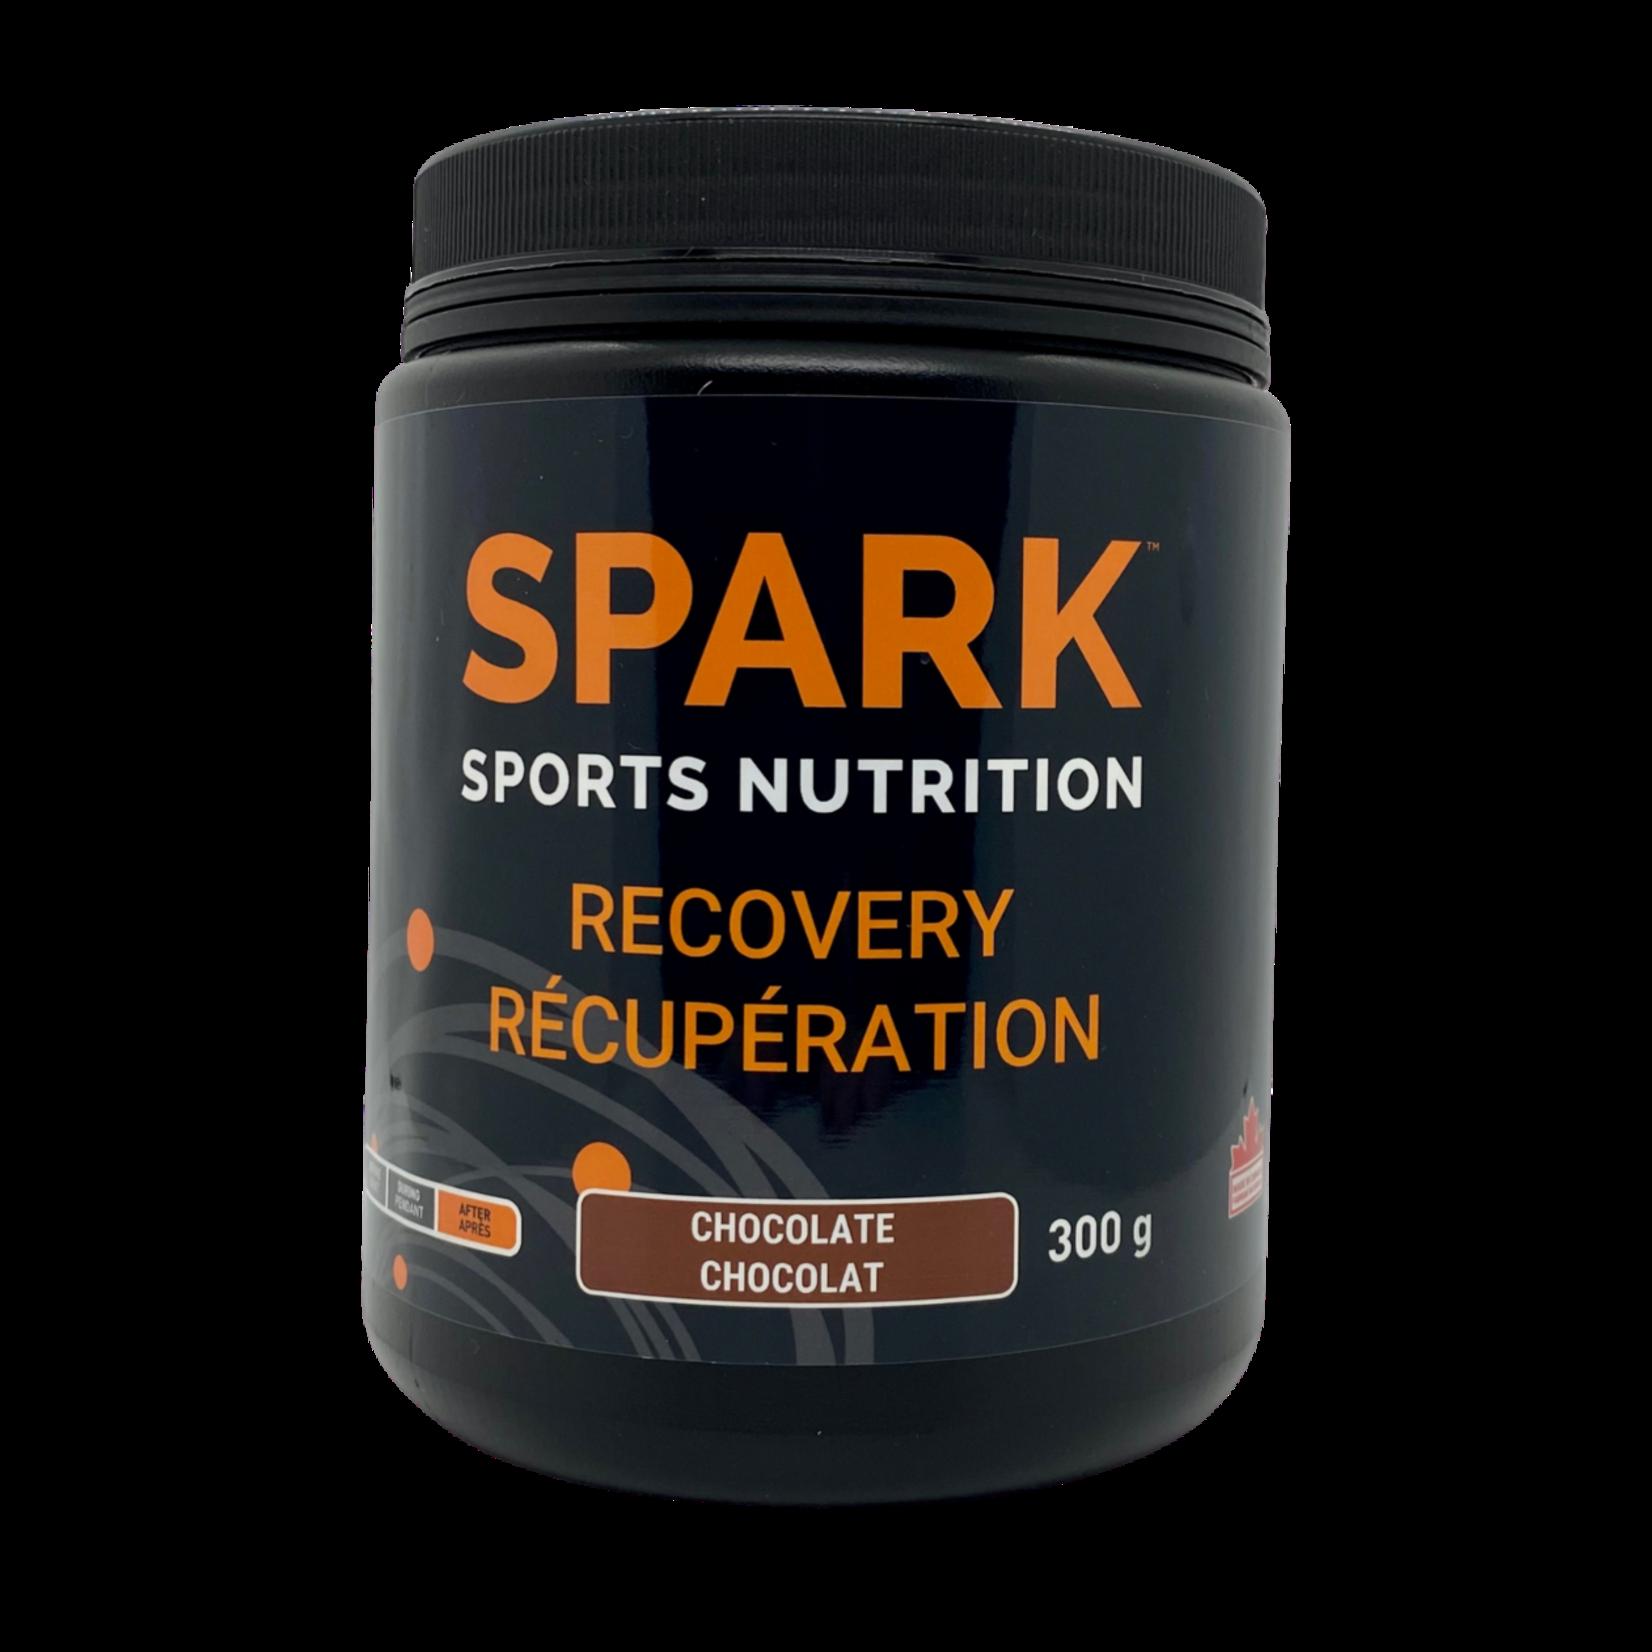 SPARK SPARK recovery Chocolate